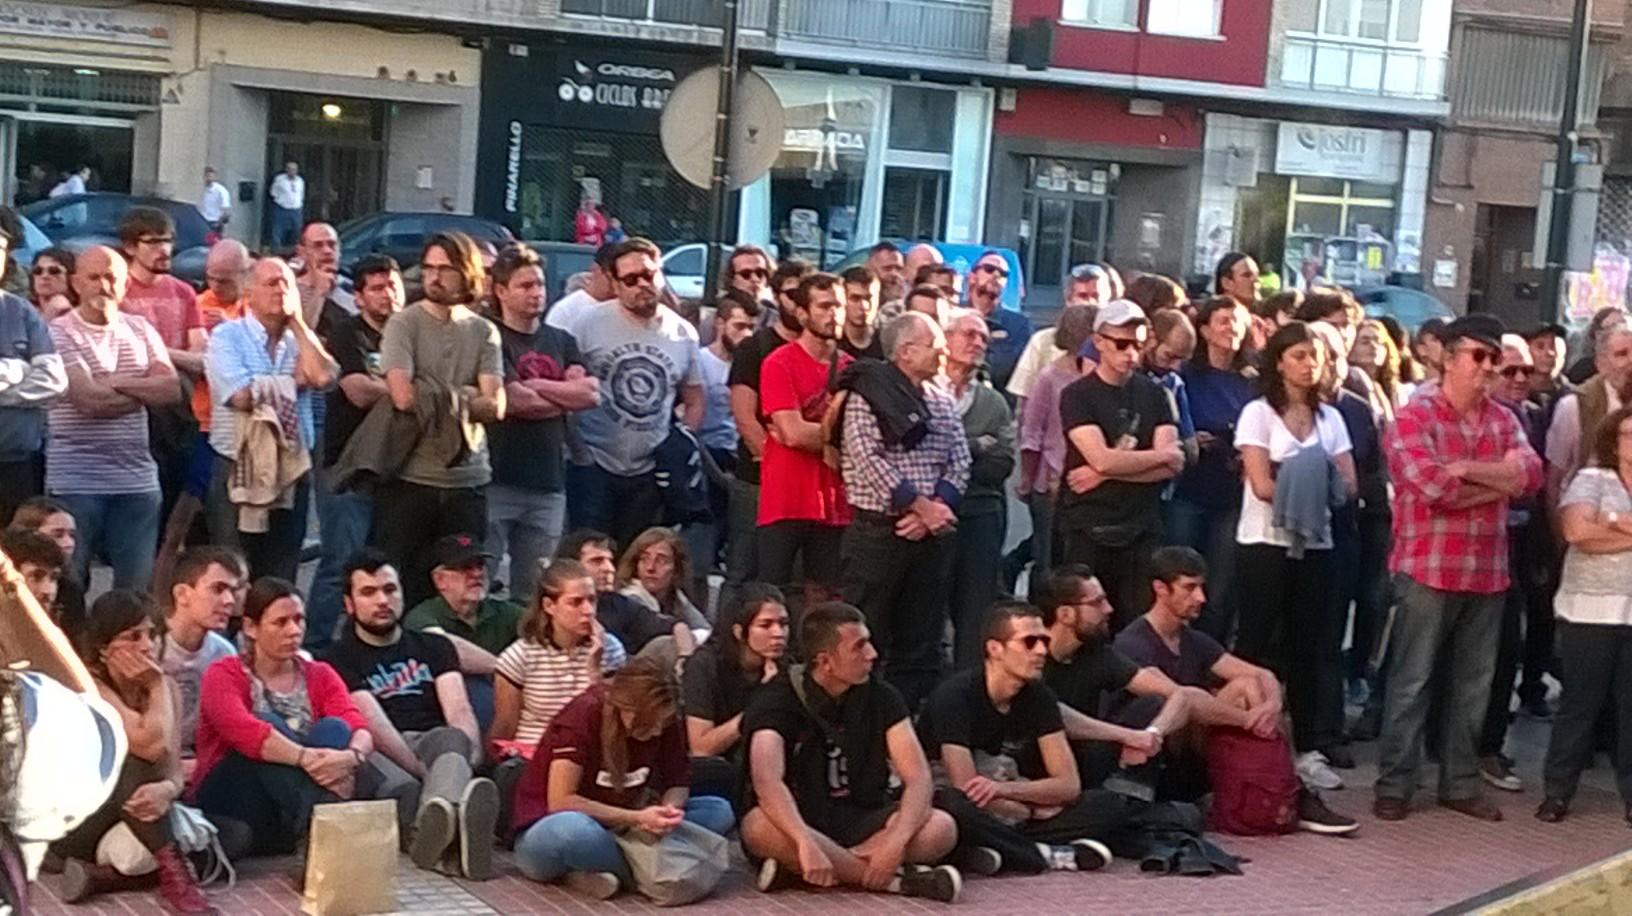 Gran acto en Zaragoza por el derecho a decidir, a pesar de la prohibiciónjudicial